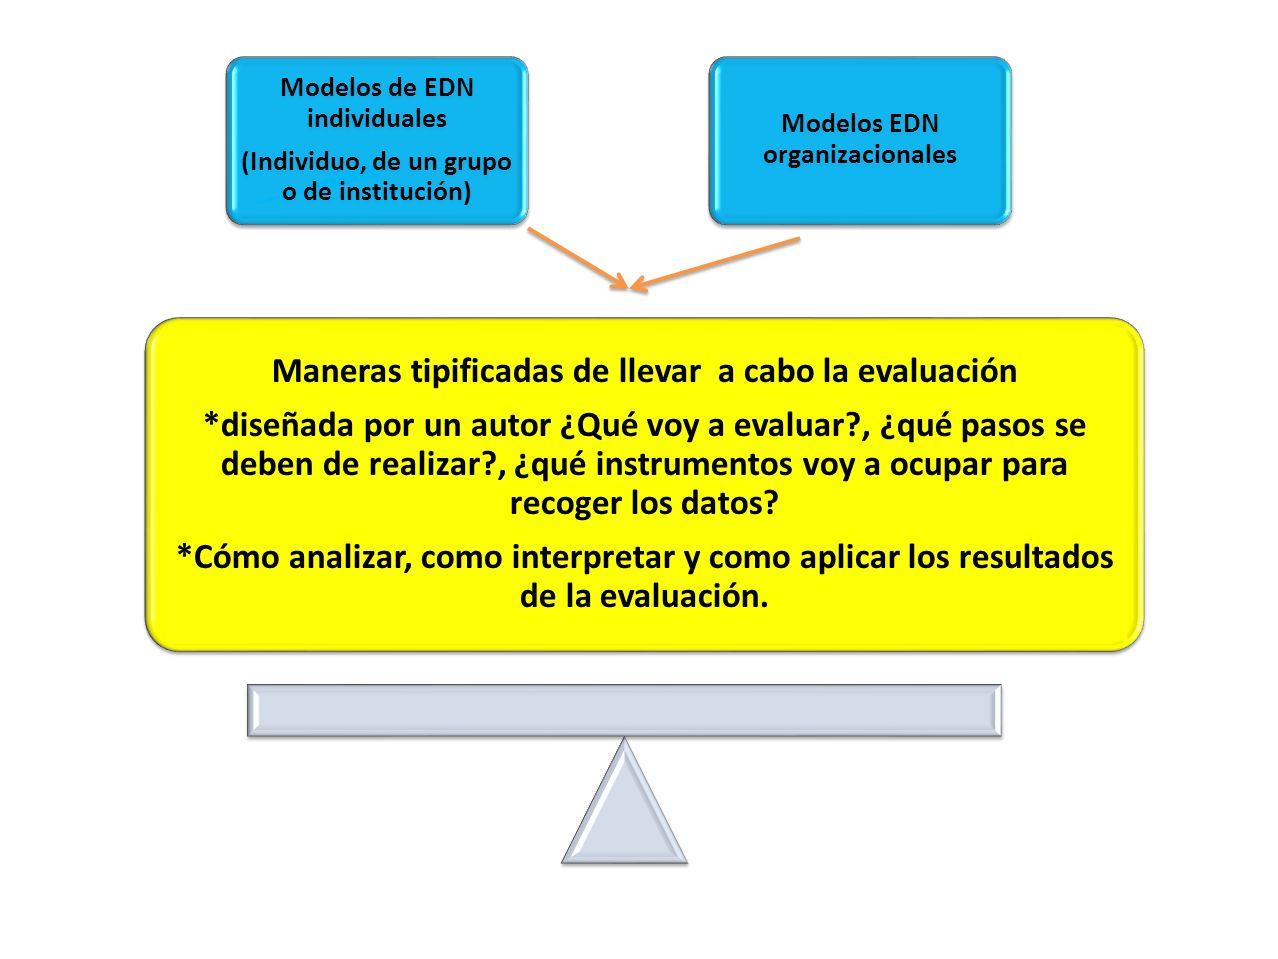 Modelos de EDN individuales (Individuo, de un grupo o de institución) Modelos EDN organizacionales Maneras tipificadas de llevar a cabo la evaluación